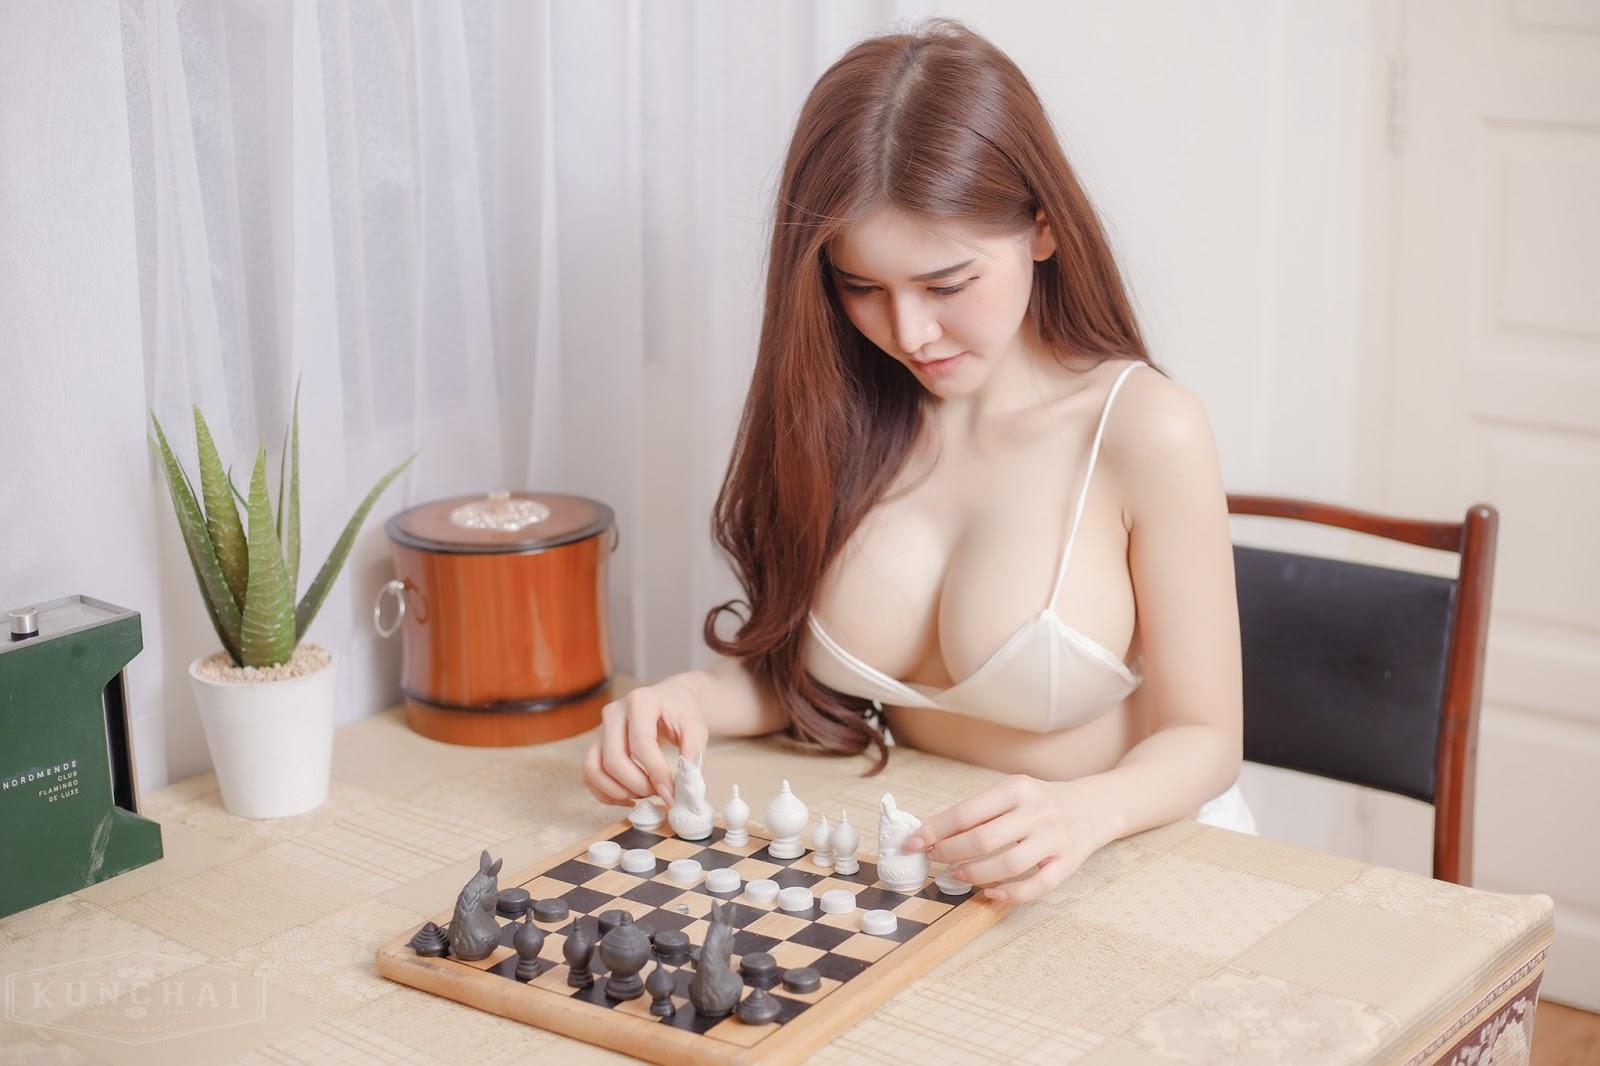 Blue Jirarat Có chơi cờ,xếp hình với em không